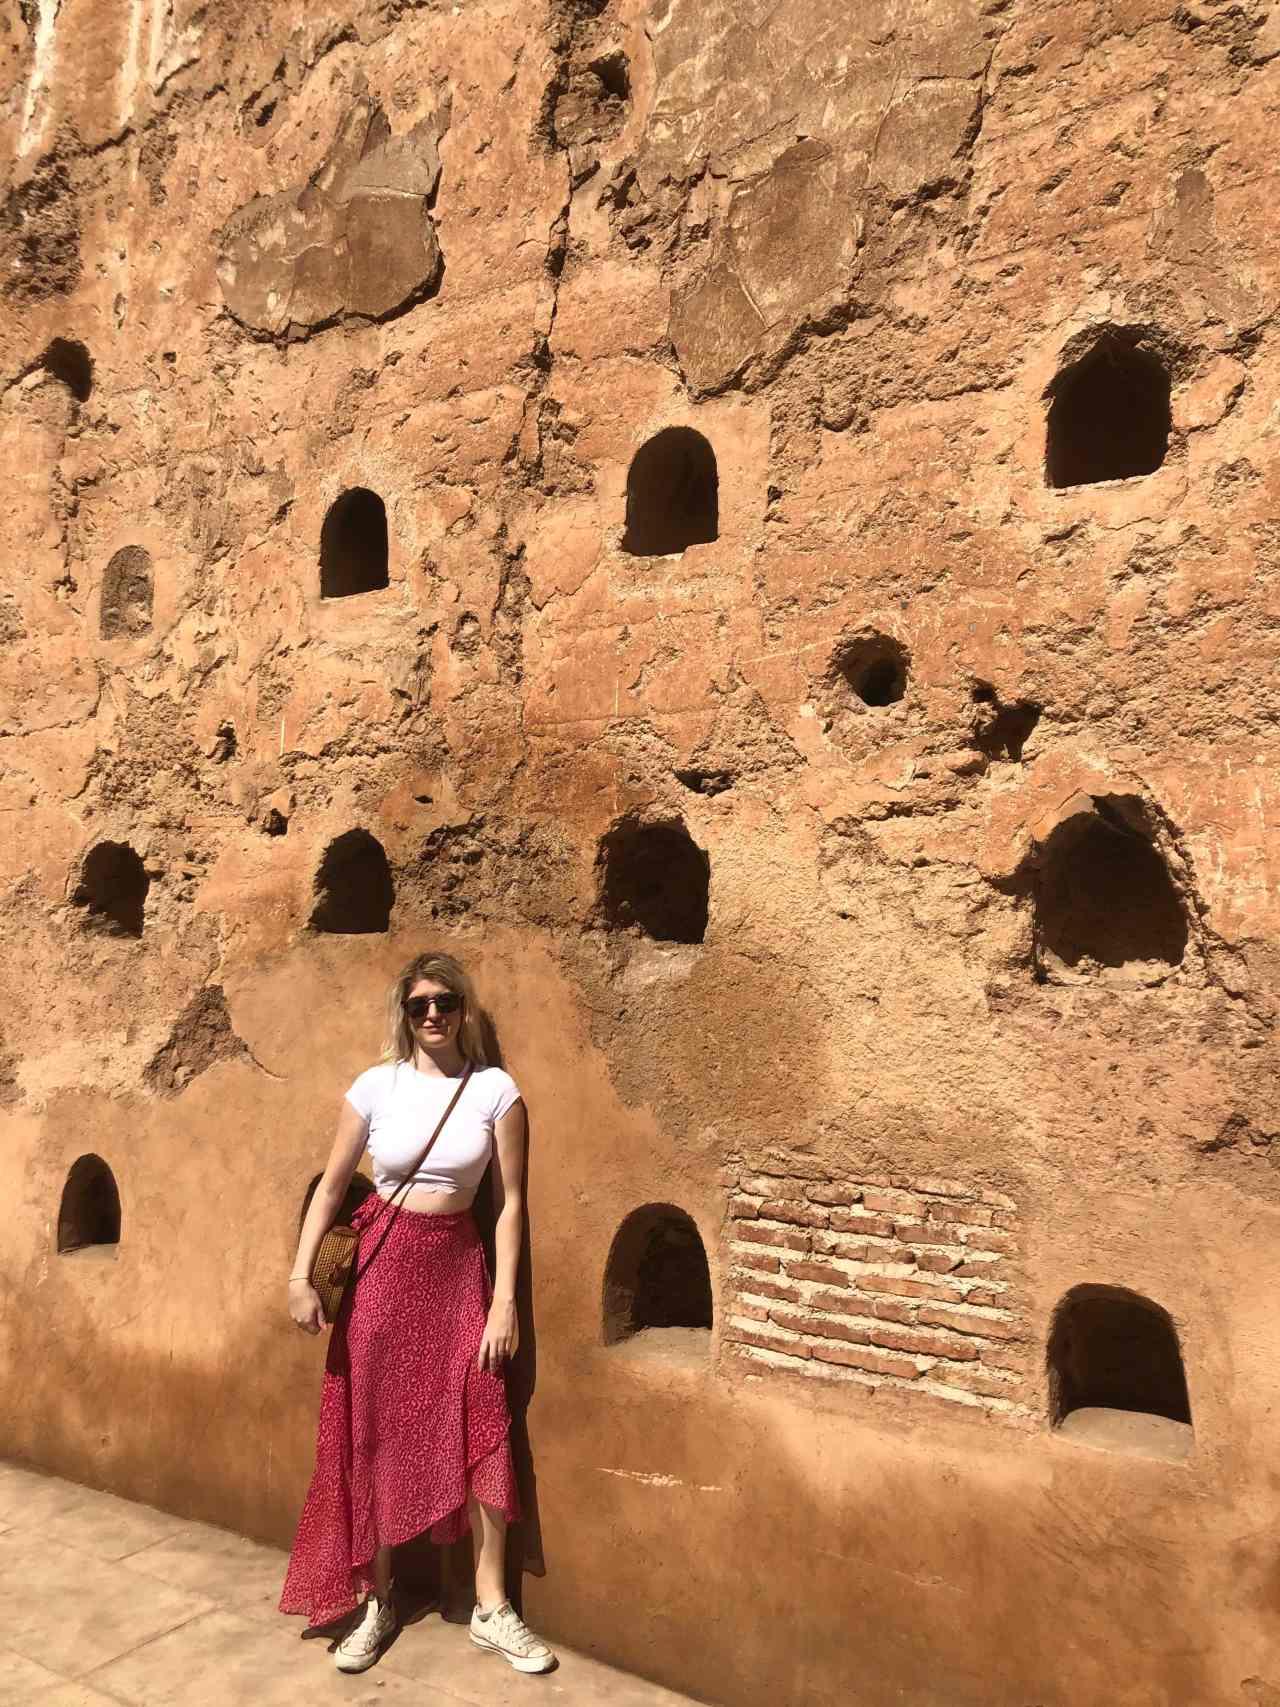 Walls of Palais el Badii